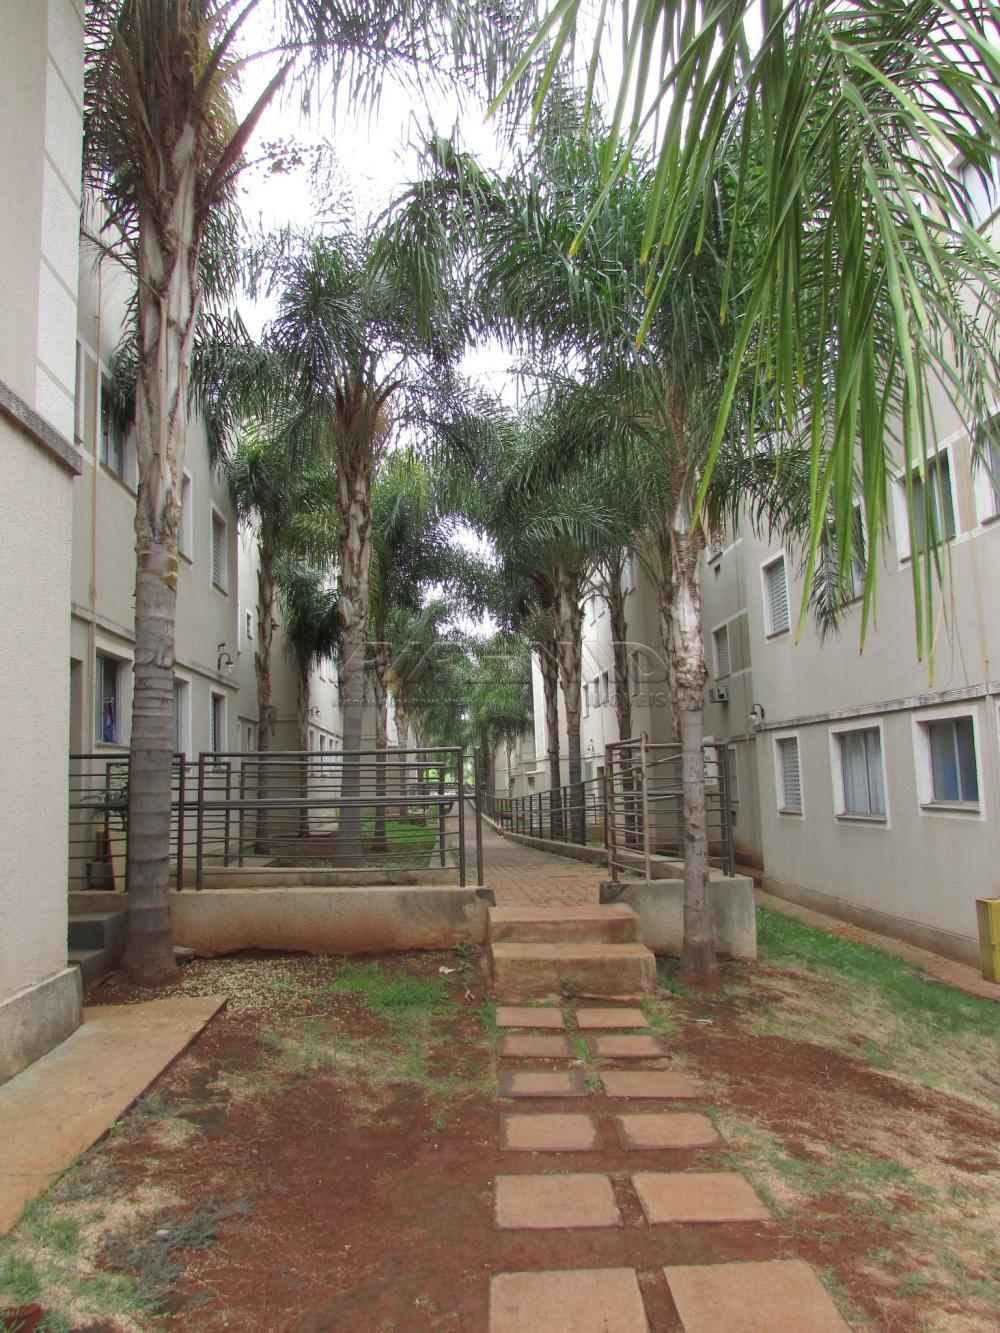 Comprar Apartamento / Padrão em Ribeirão Preto apenas R$ 170.000,00 - Foto 16